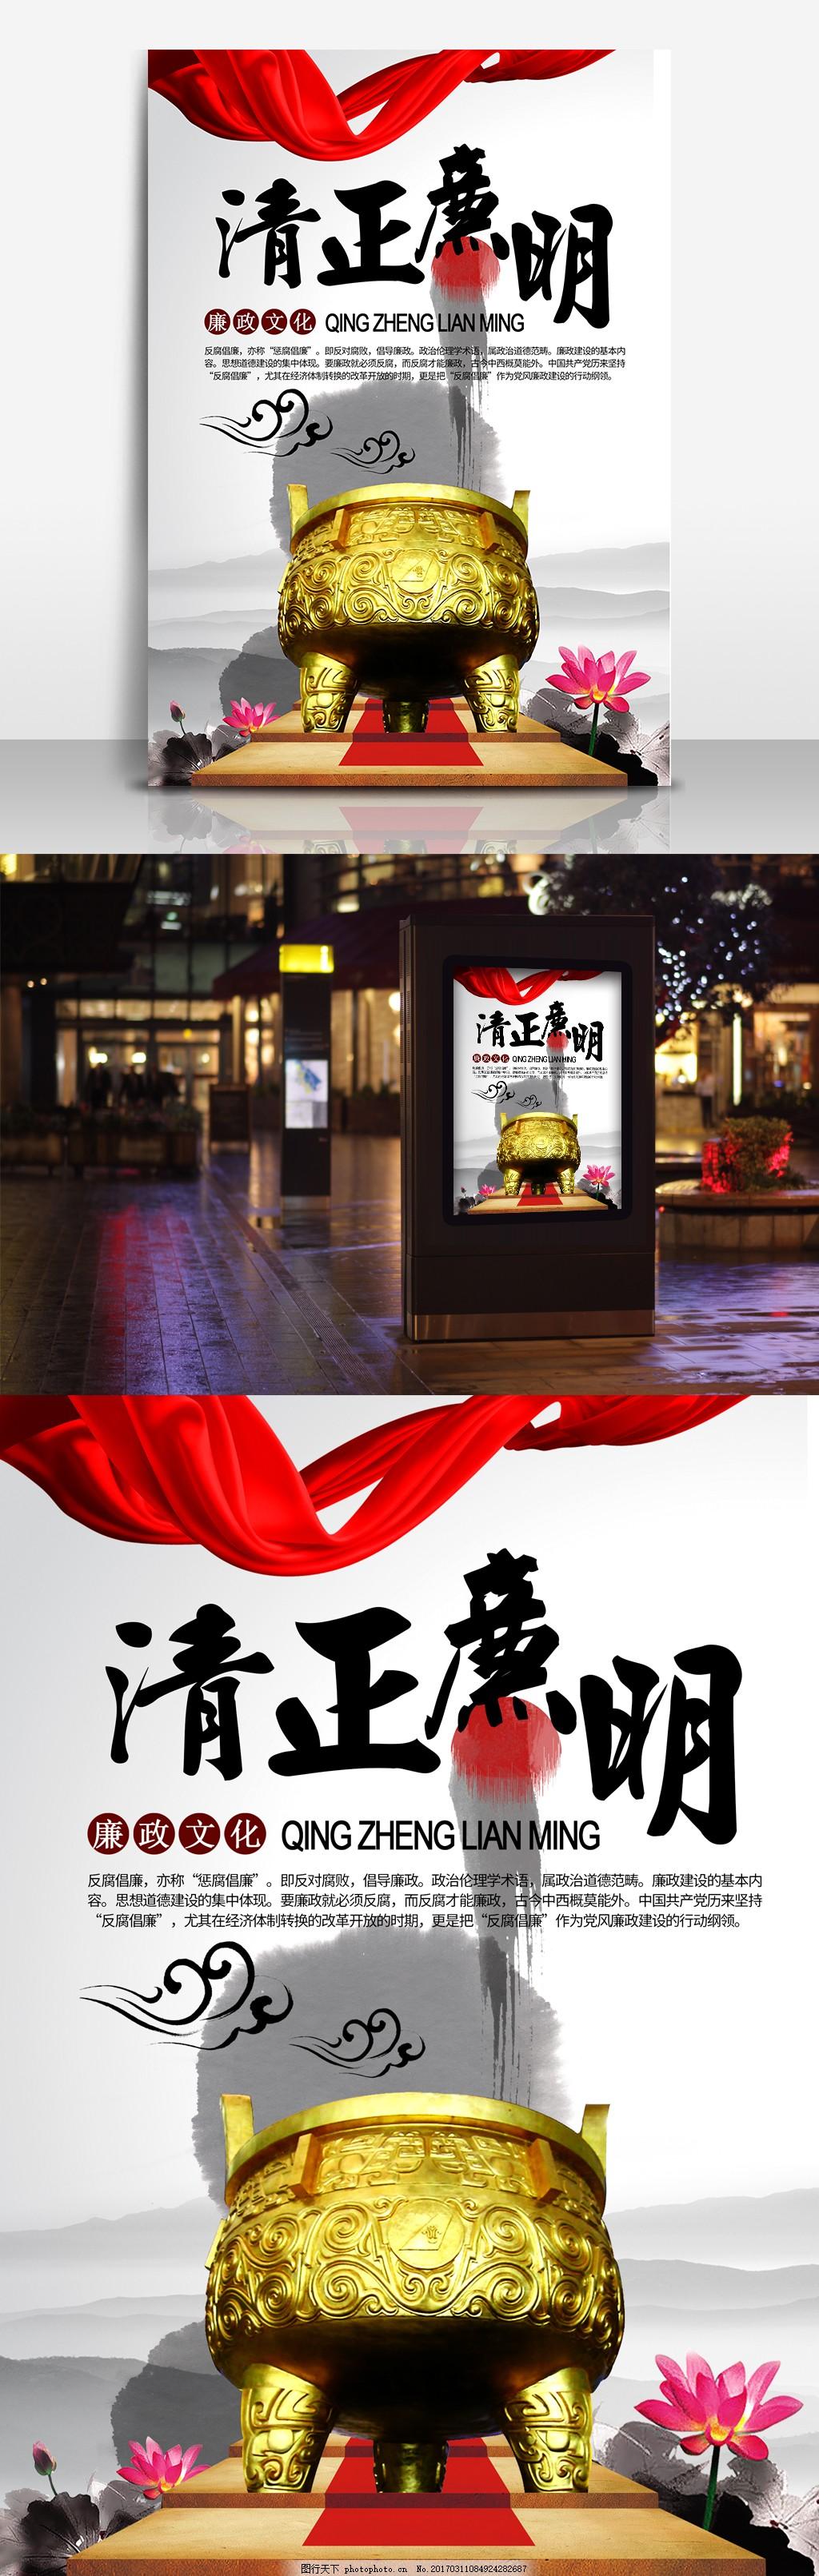 反腐宣传海报 清正廉明 反贪污